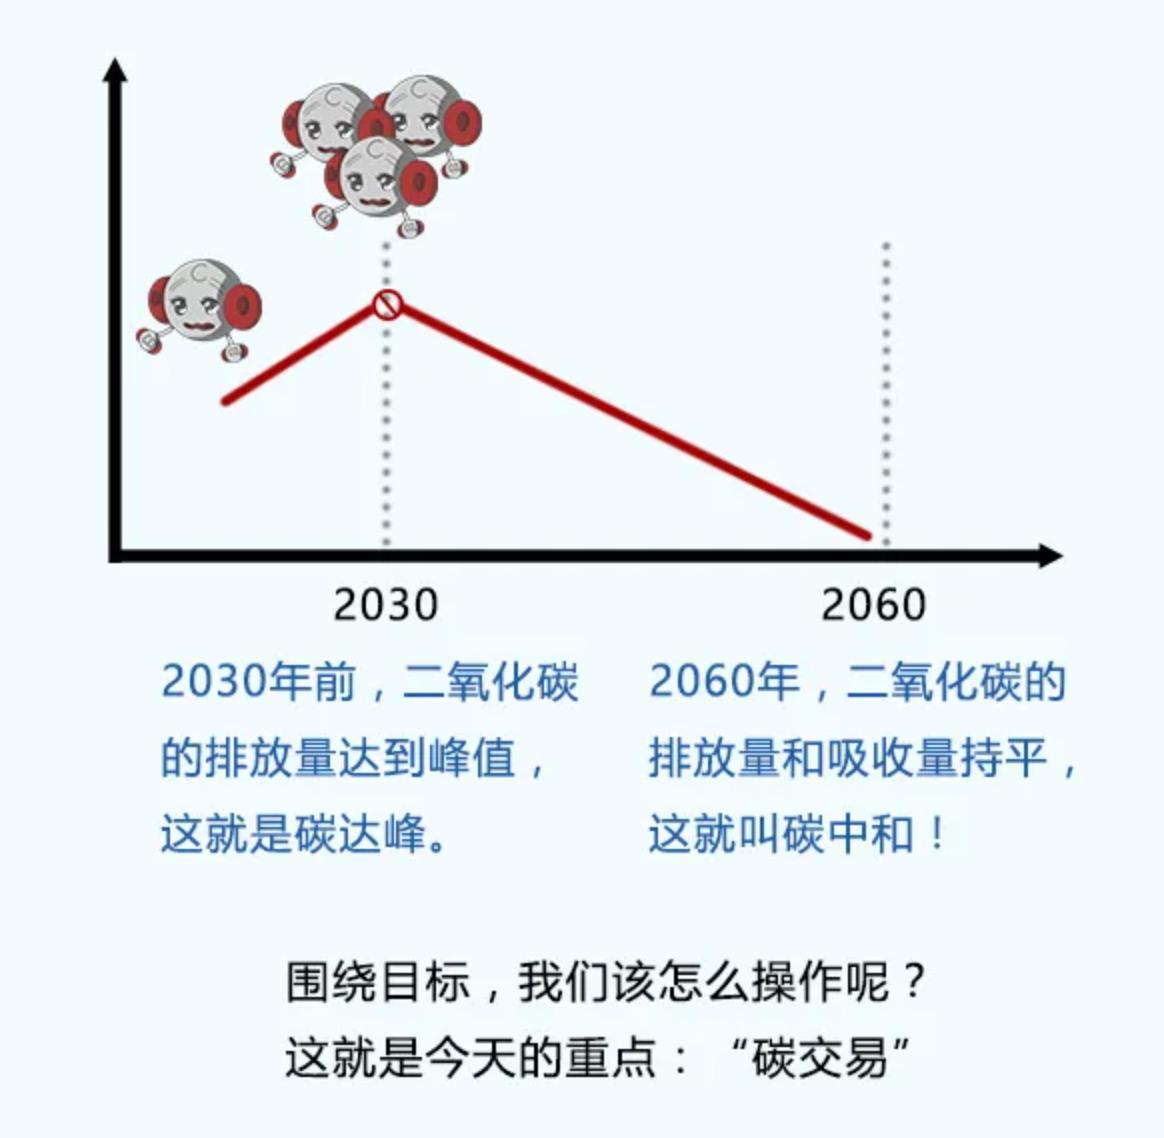 微信截图_20210726162655.jpg